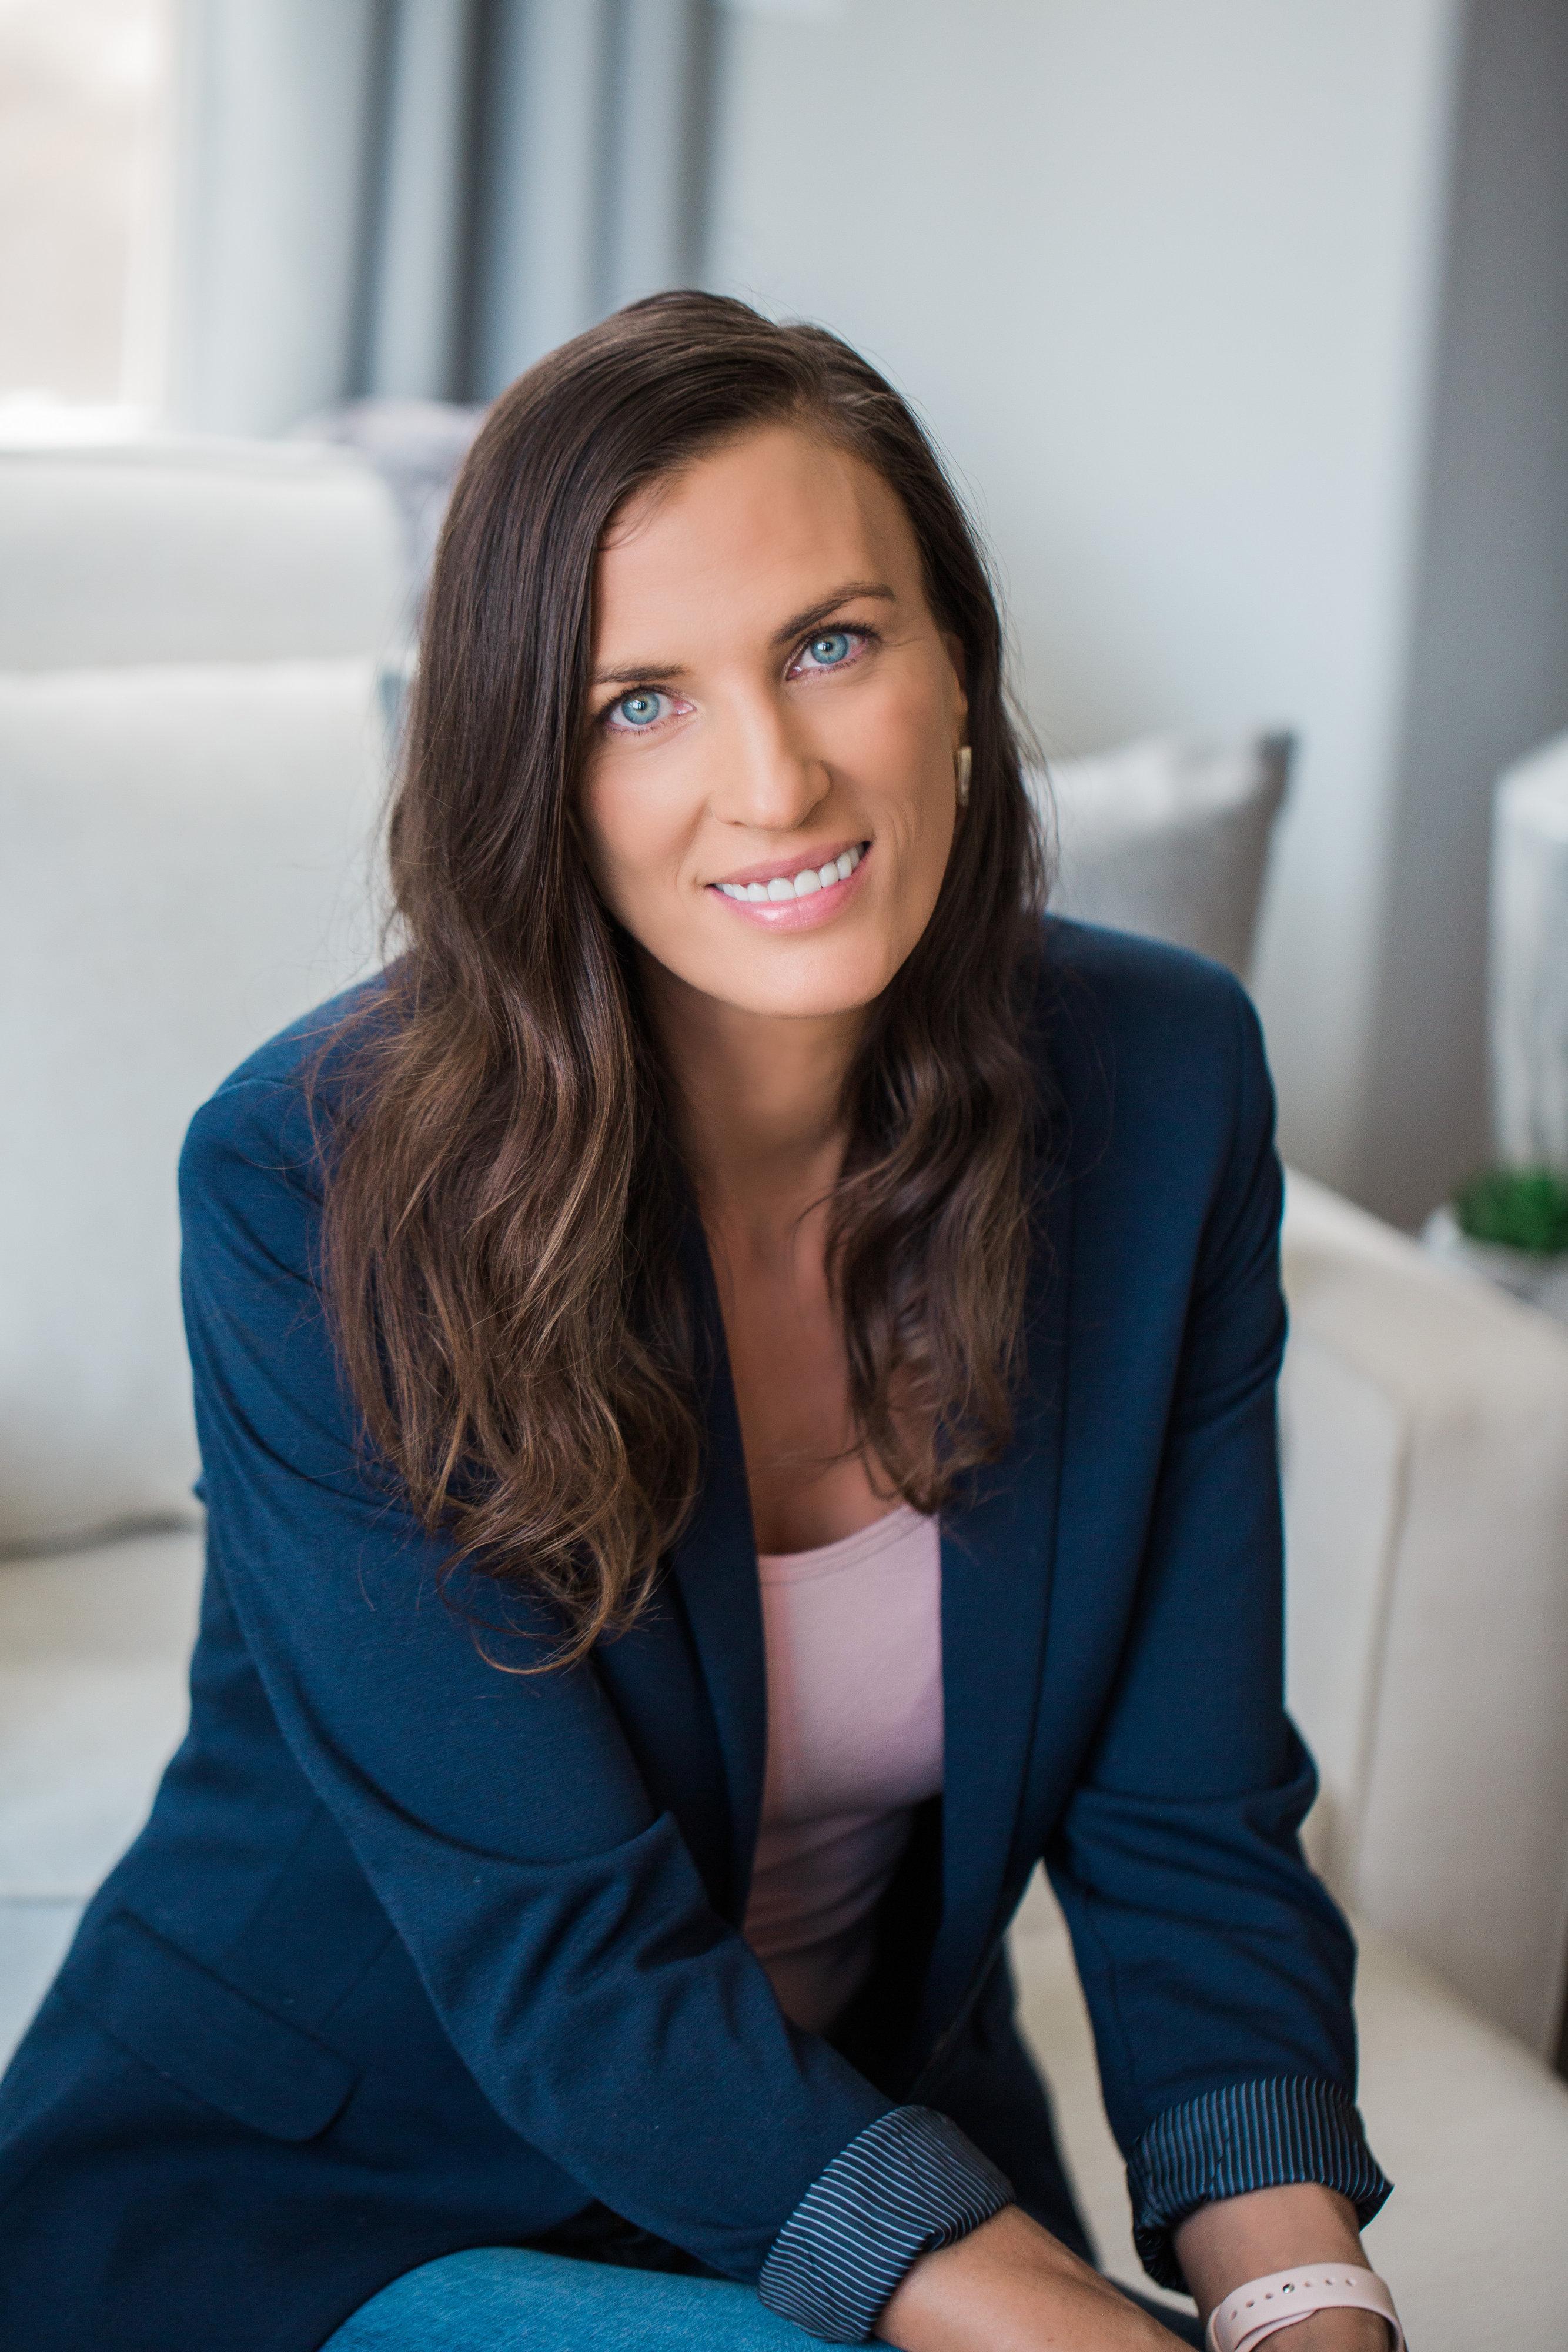 Erika Eschberger